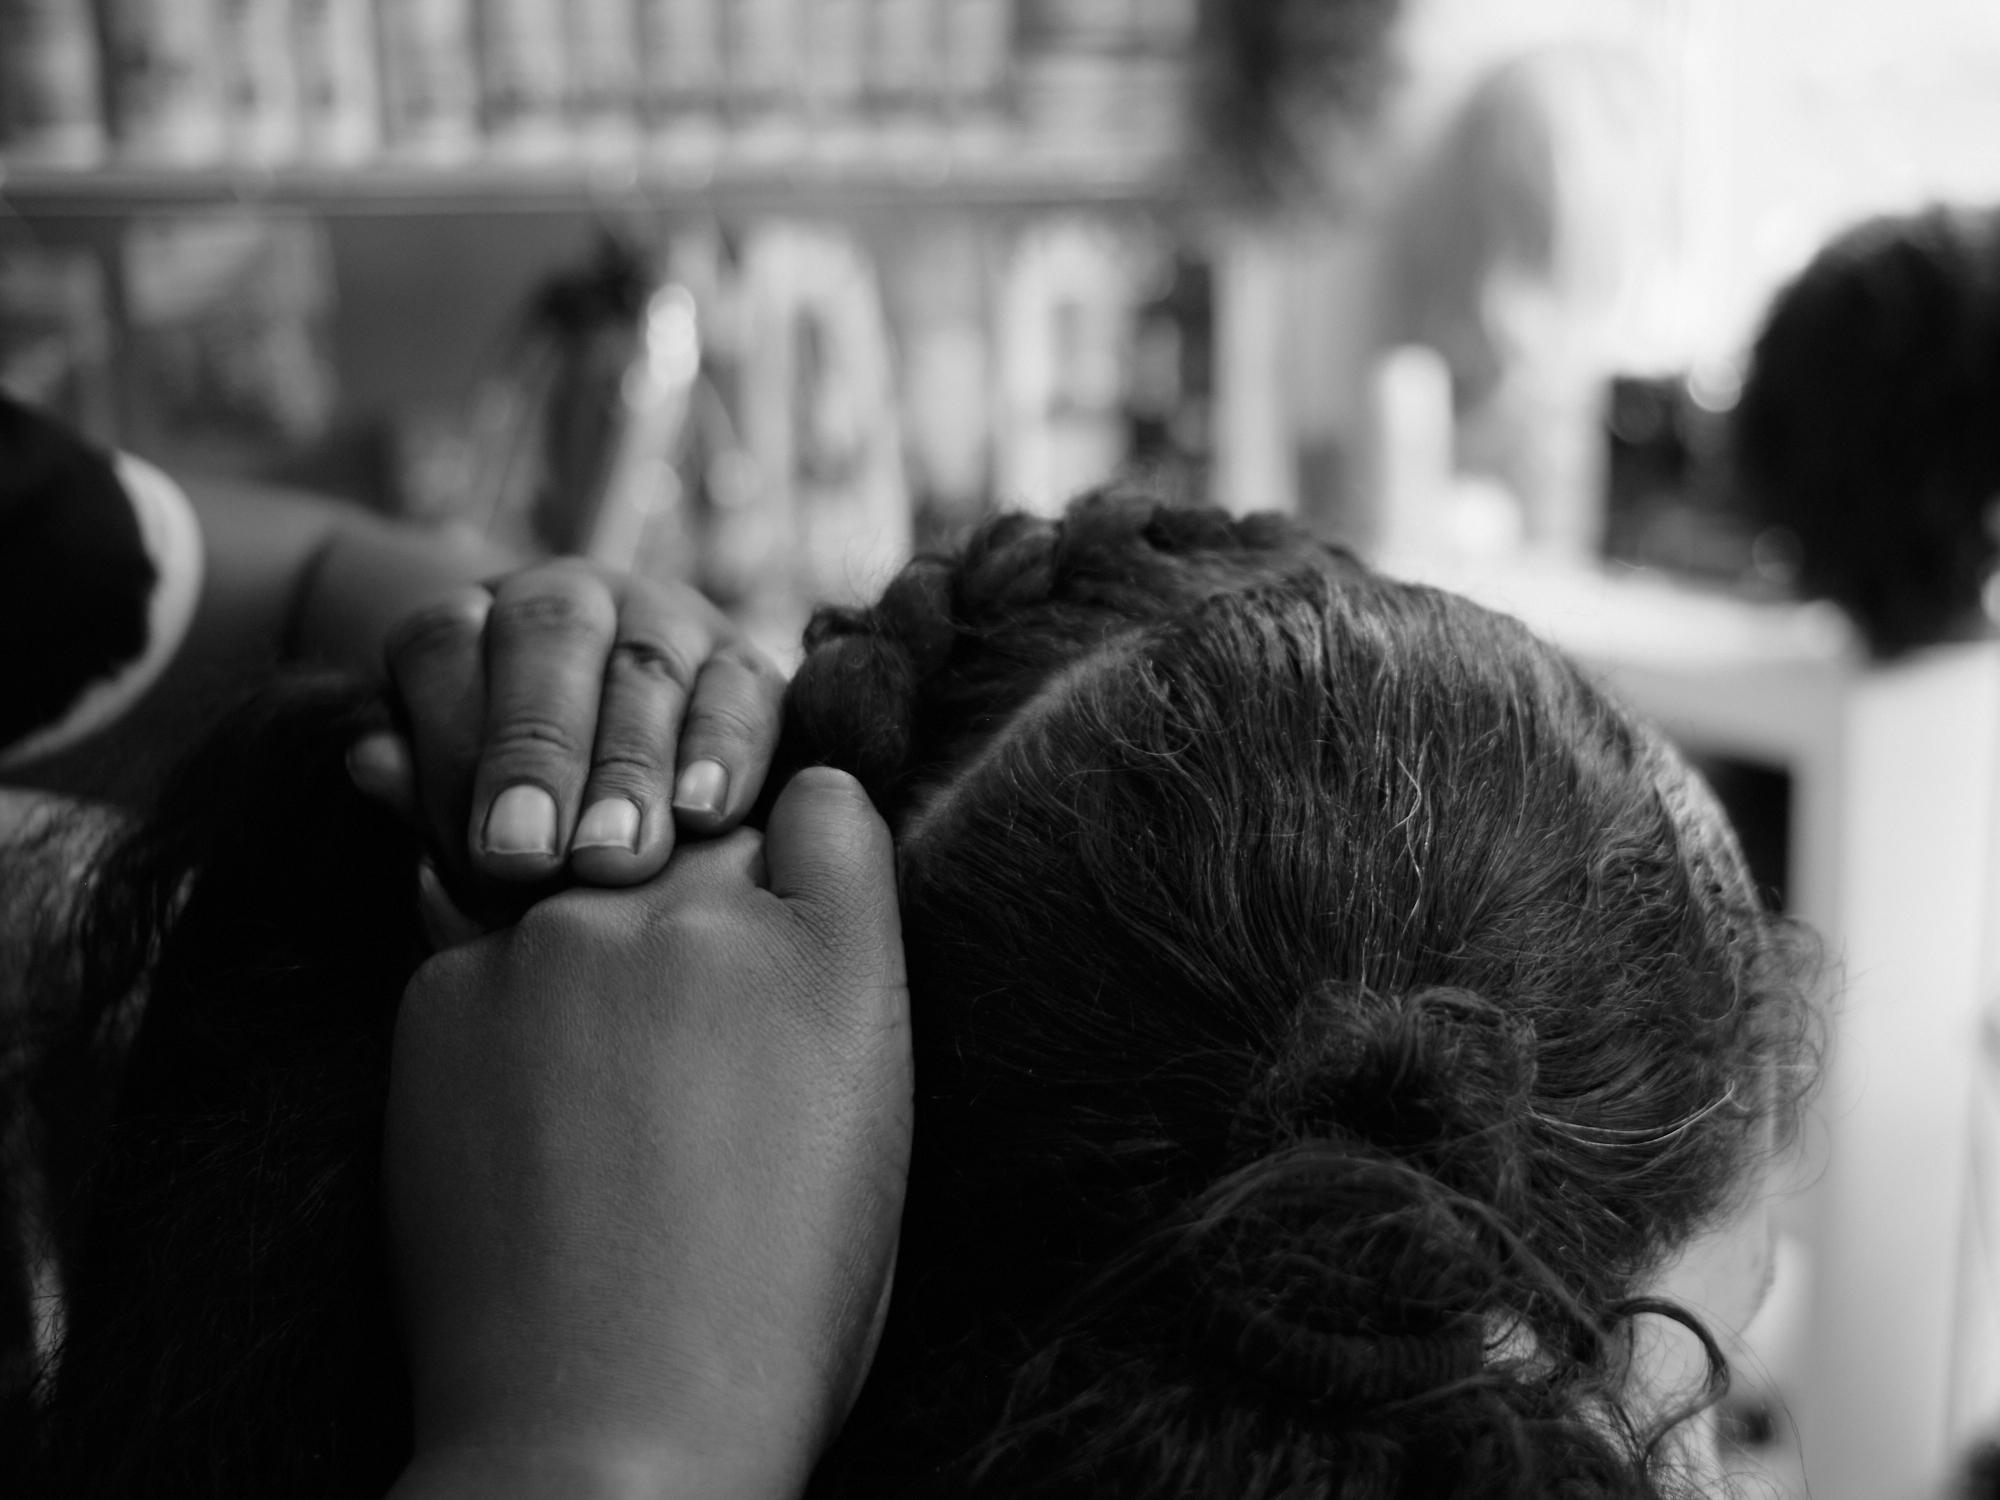 A Day At The Salon: The Art Of Faith by Katherine Duvigneau